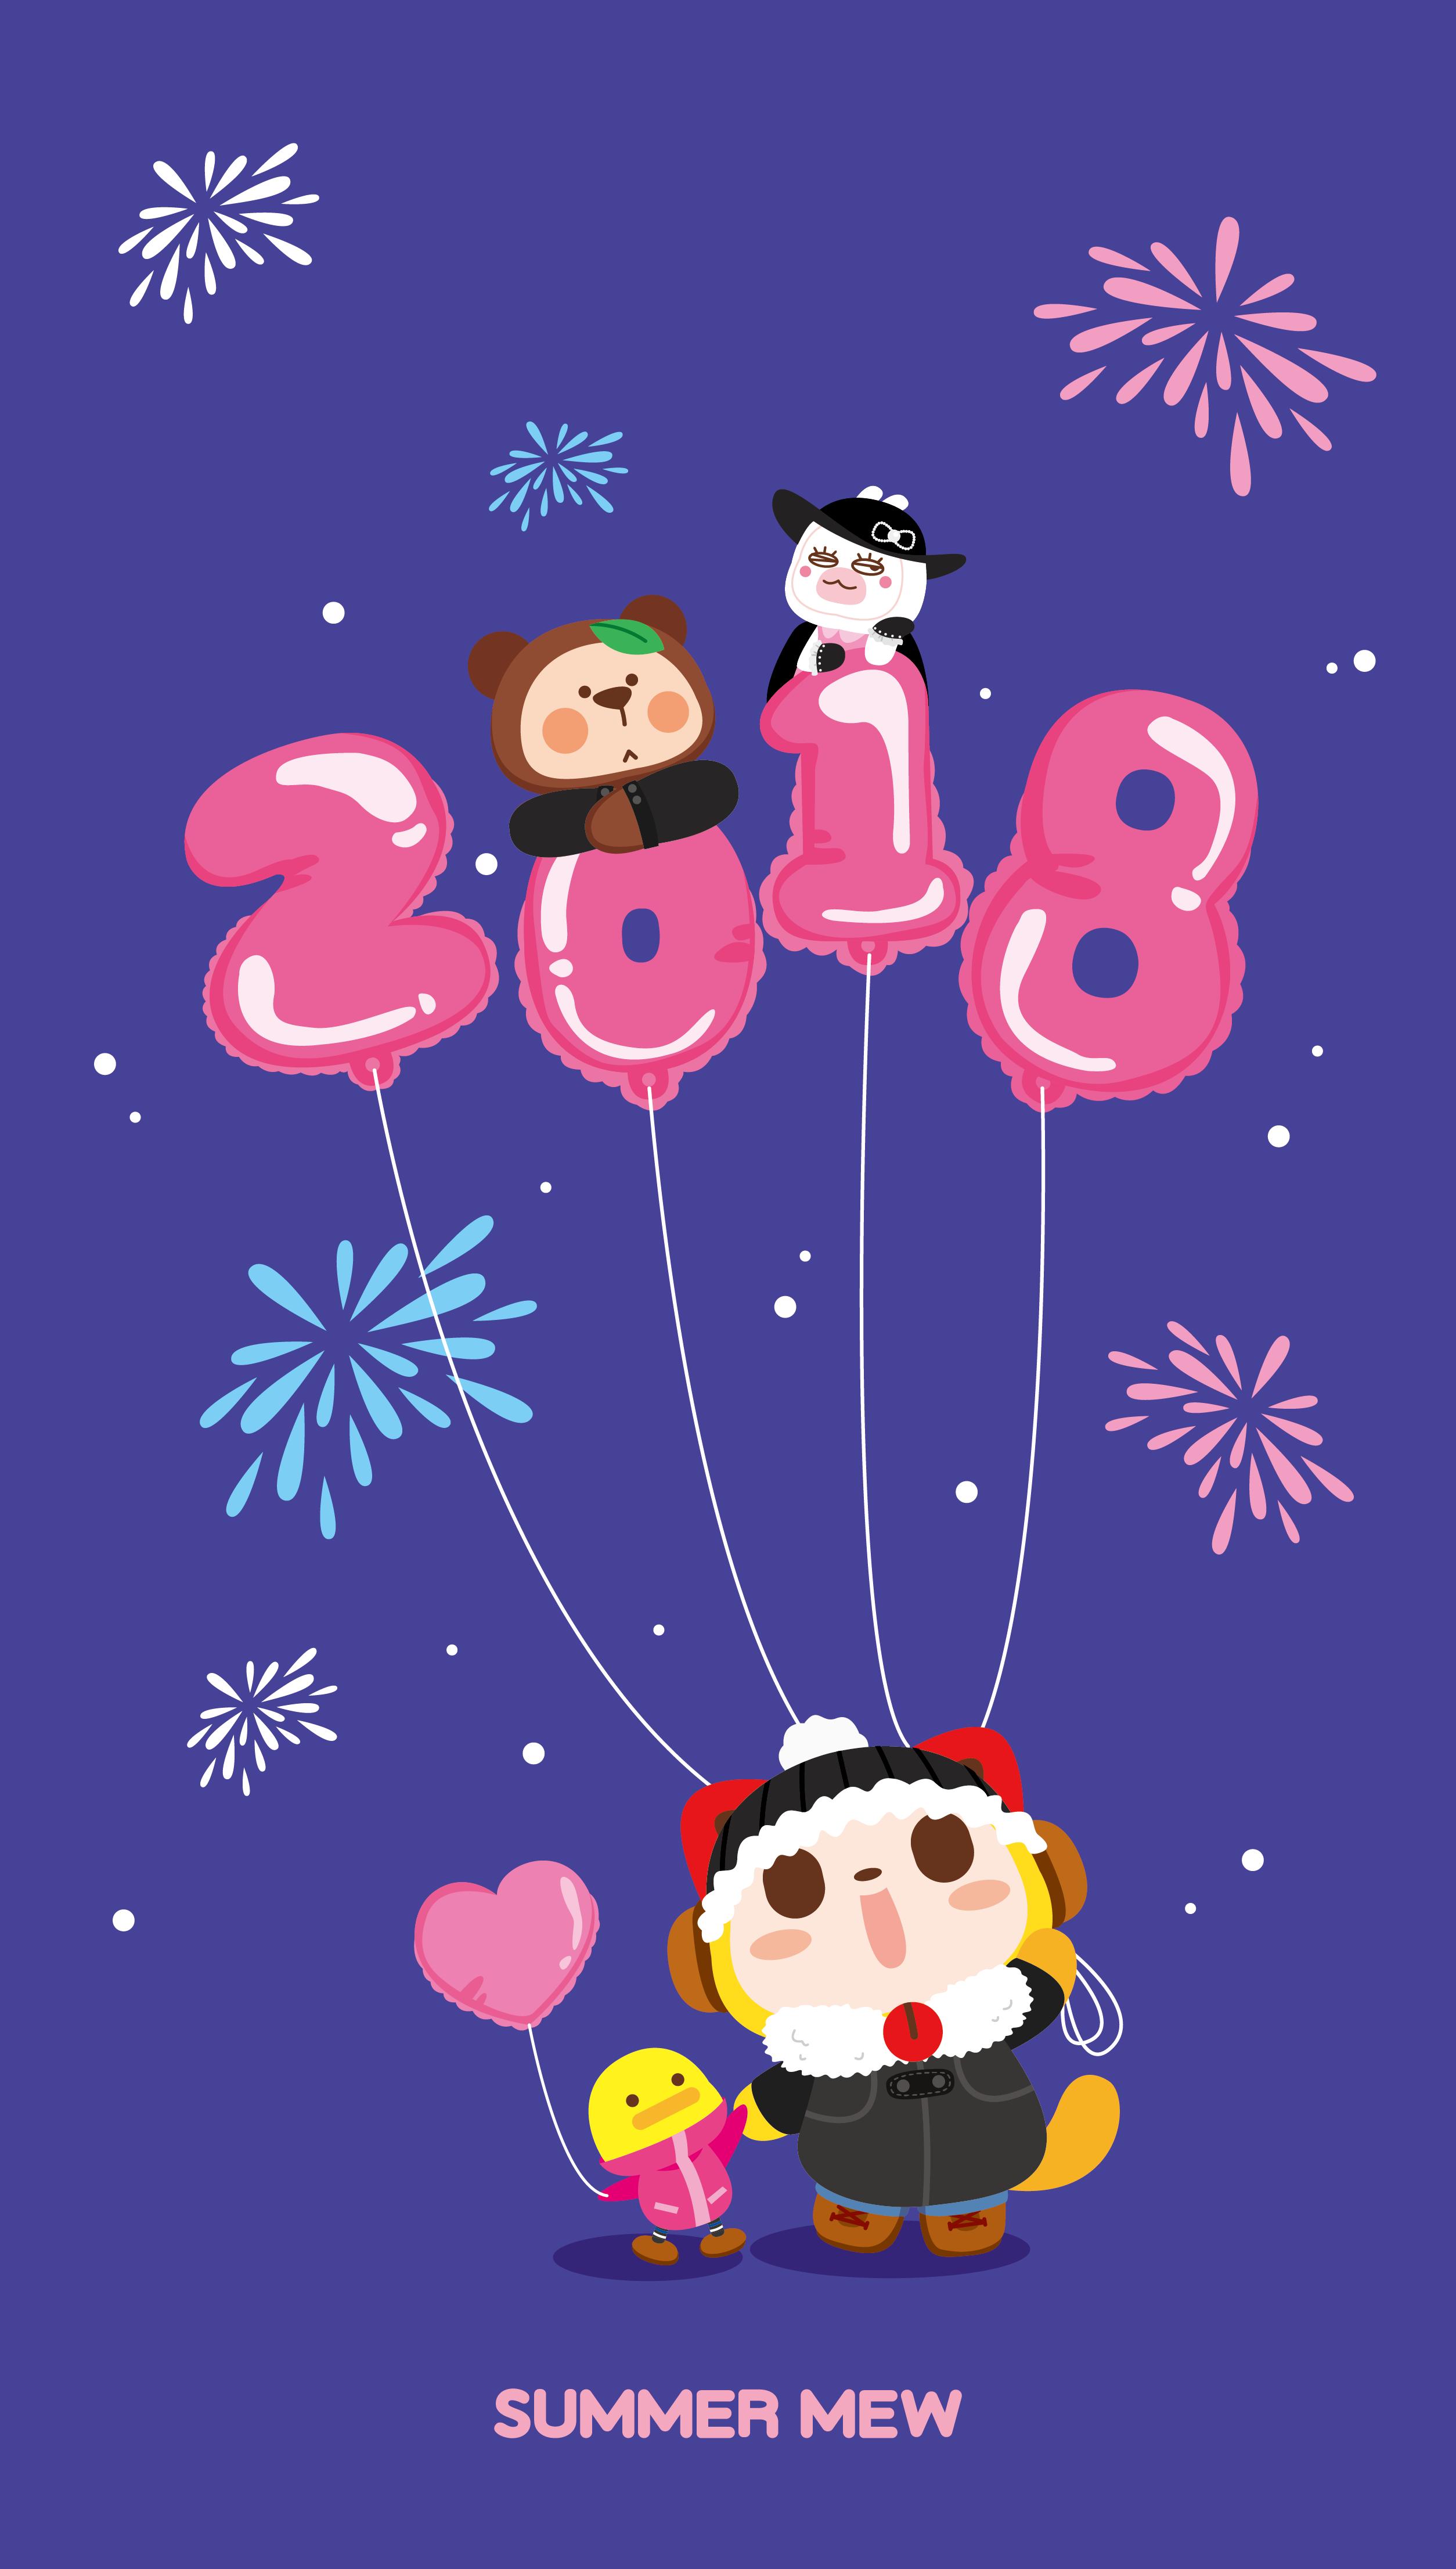 壁纸丨2018,新的一年请对我好一点图片